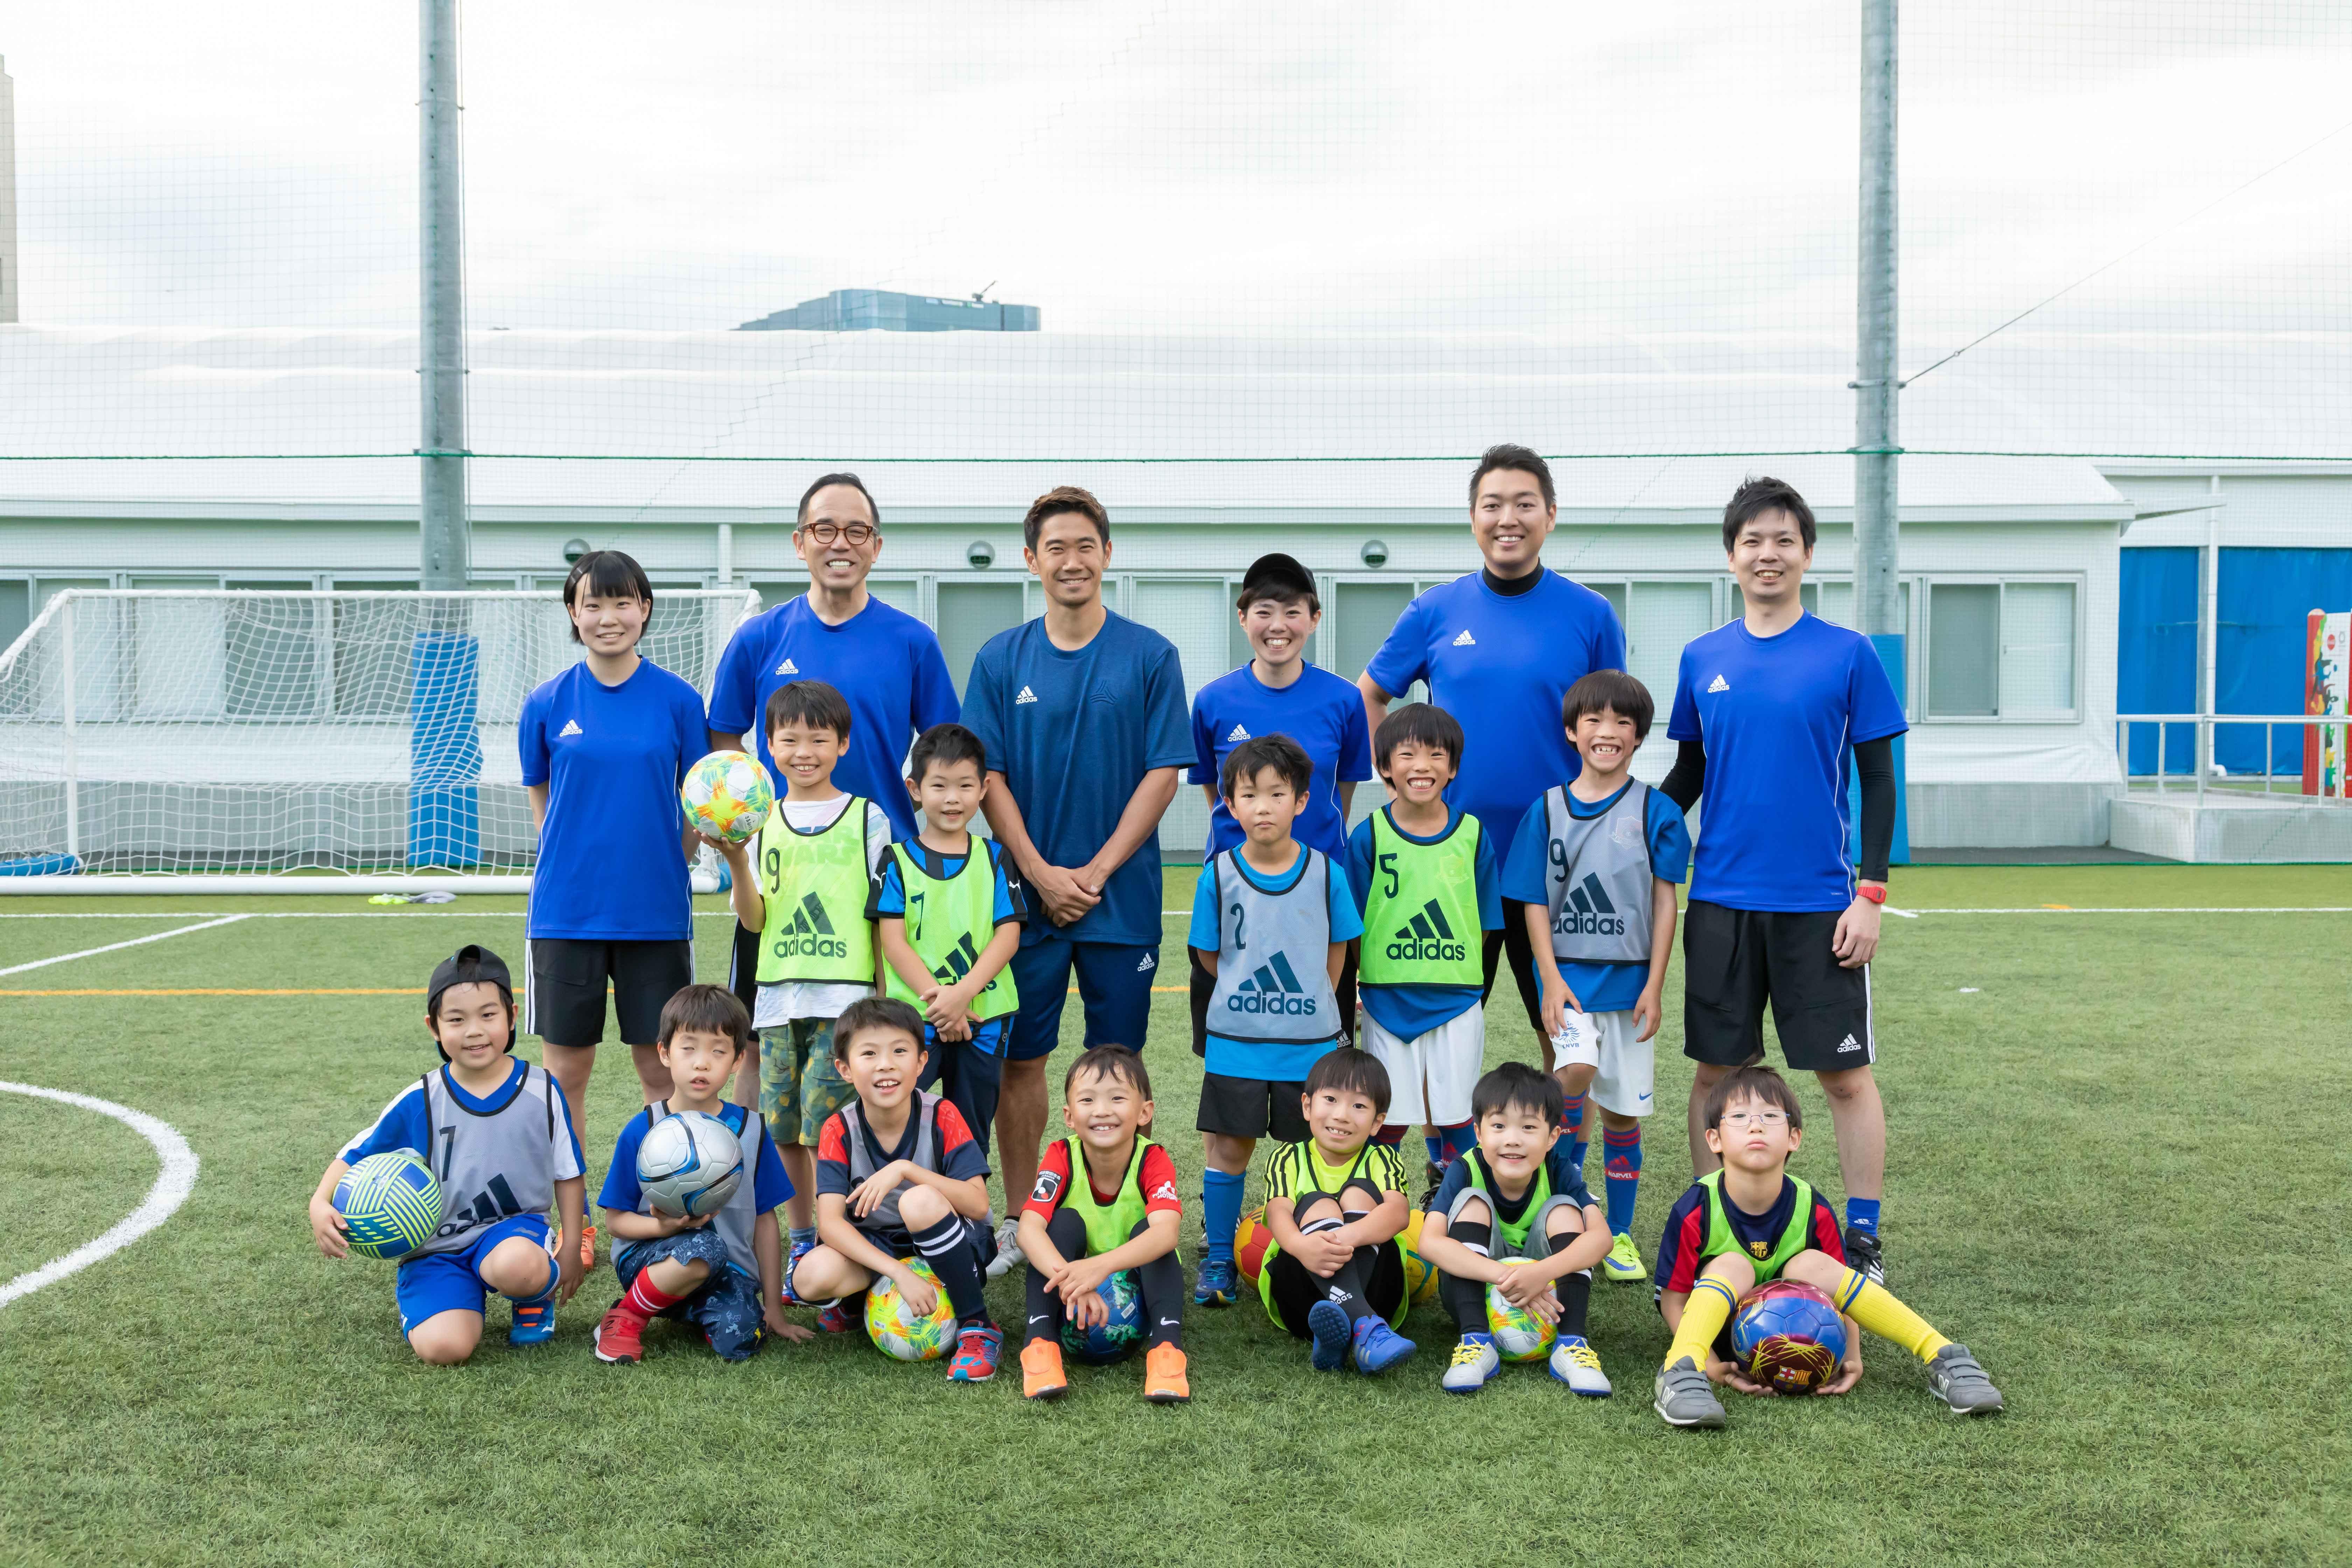 Hanaspoサッカー教室 森下校